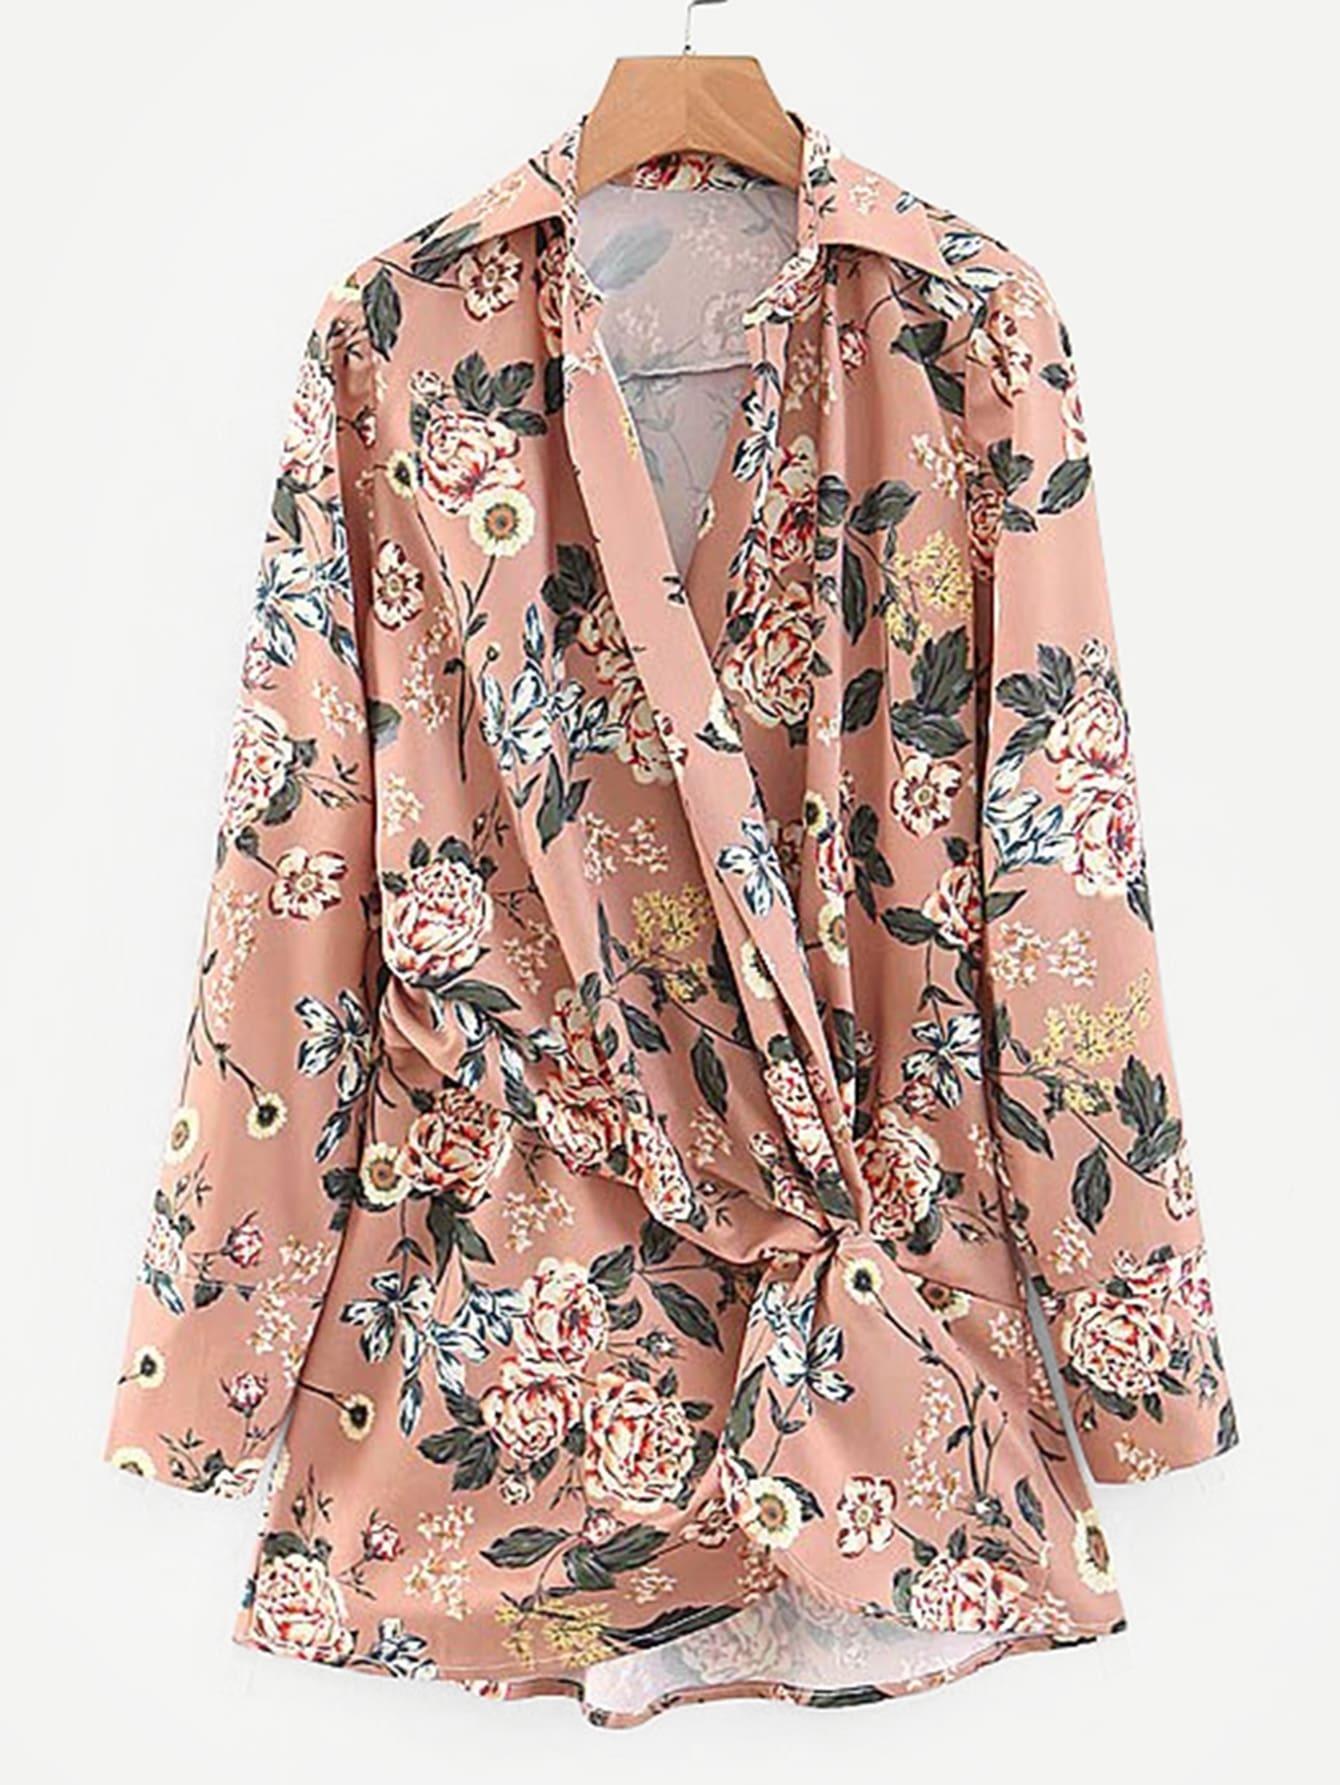 Twist Side Floral Print Blouse Twist Side Floral Print Blouse